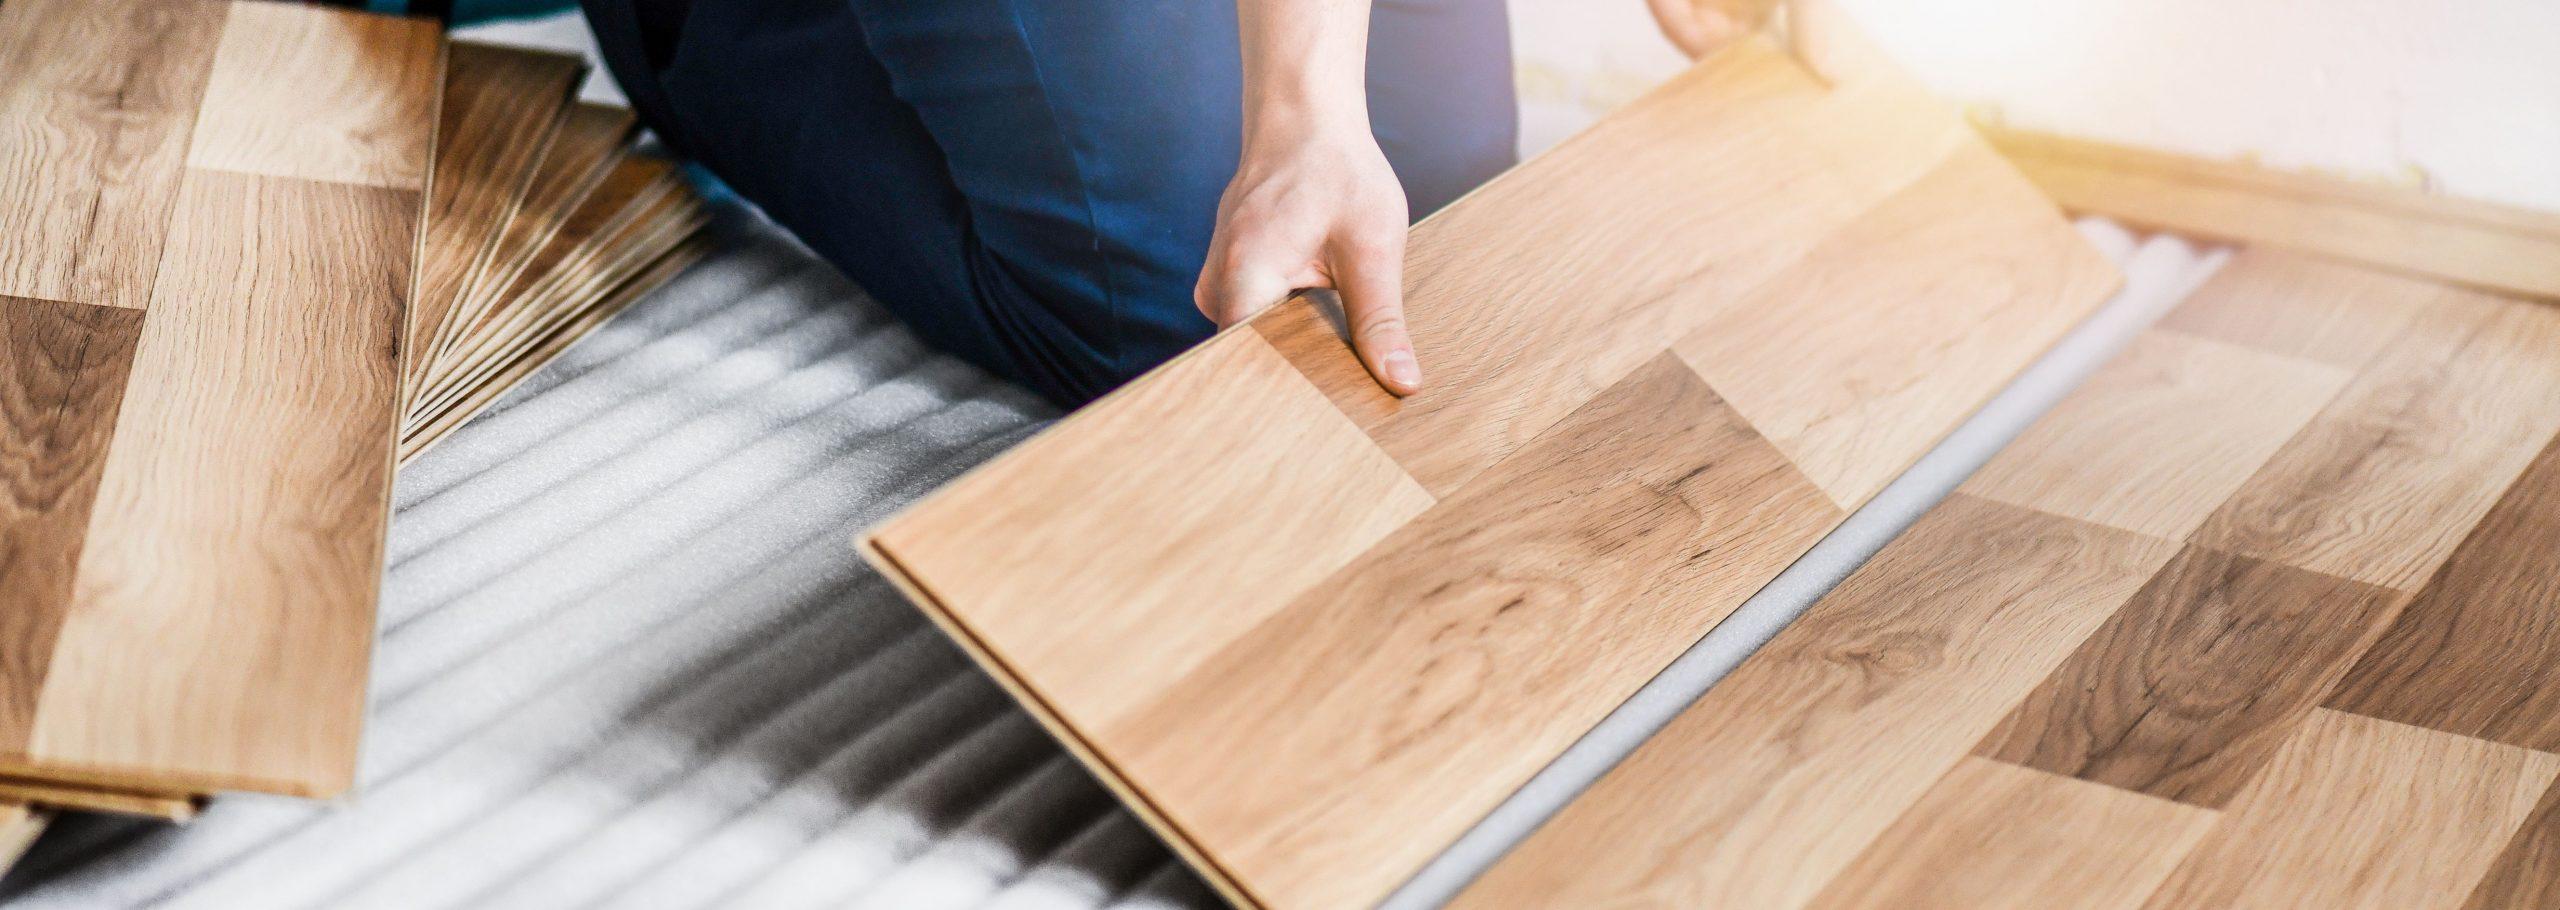 Flooring supply and installation in Sydney